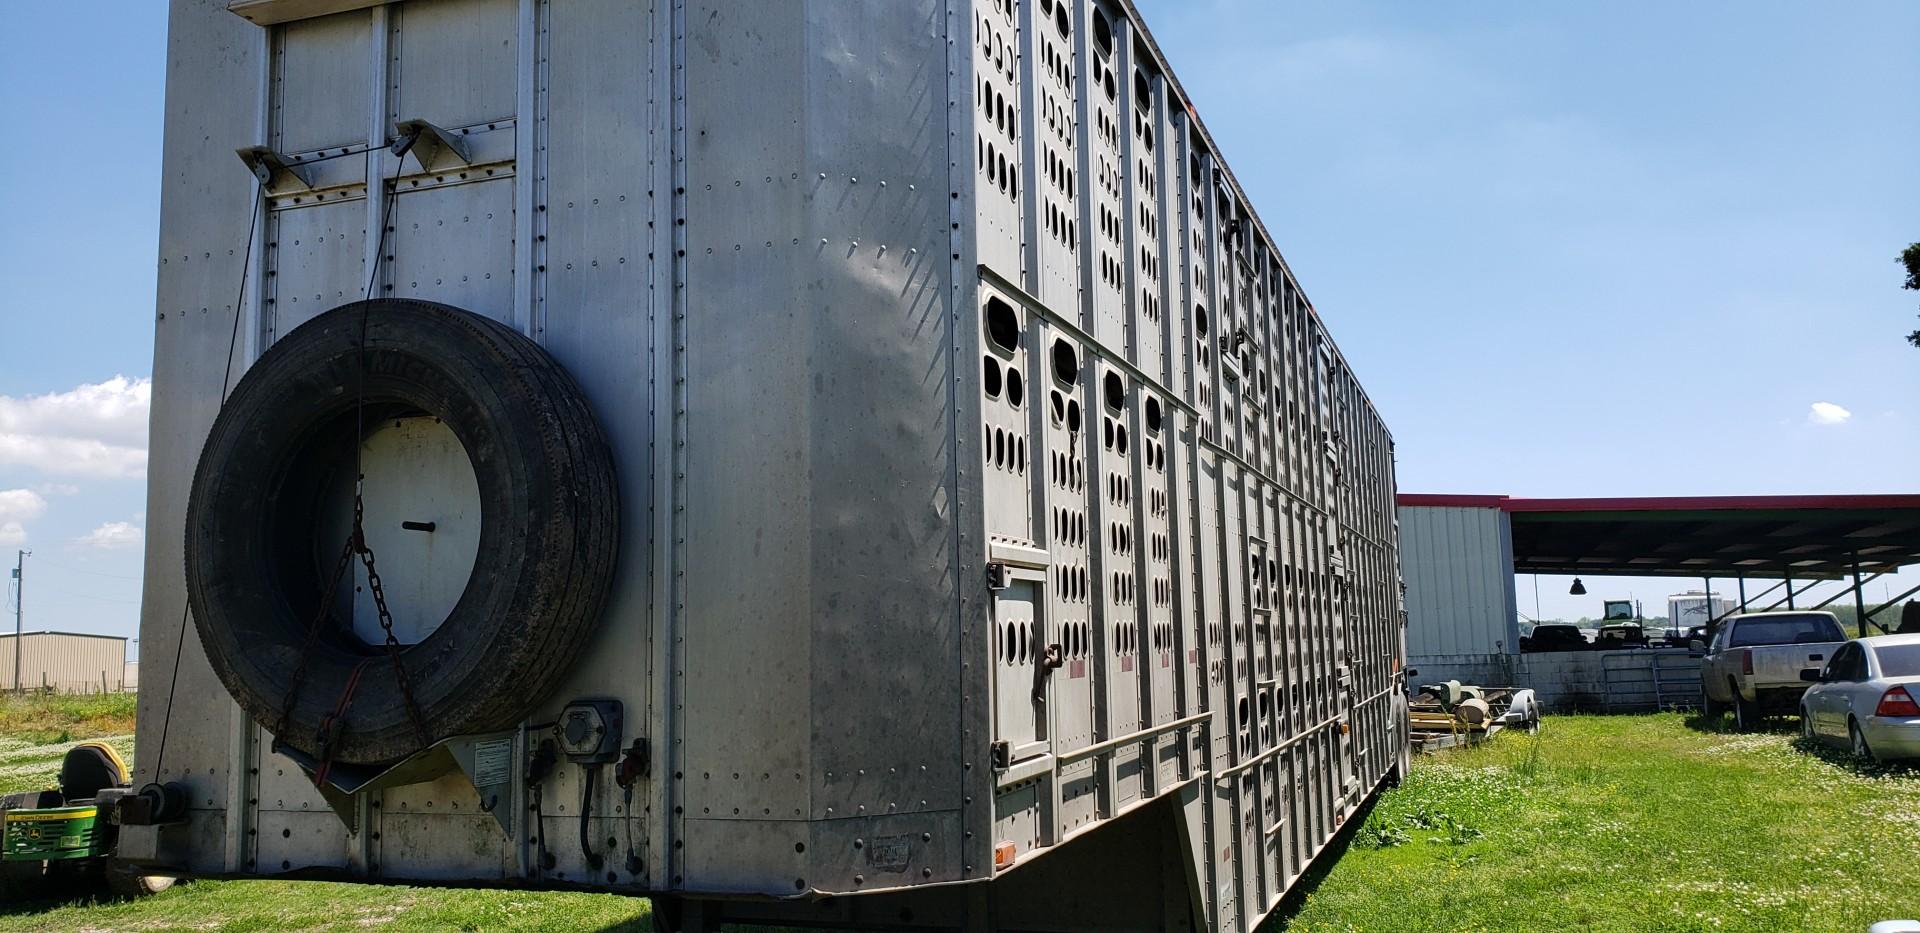 1998 Barrett livestock